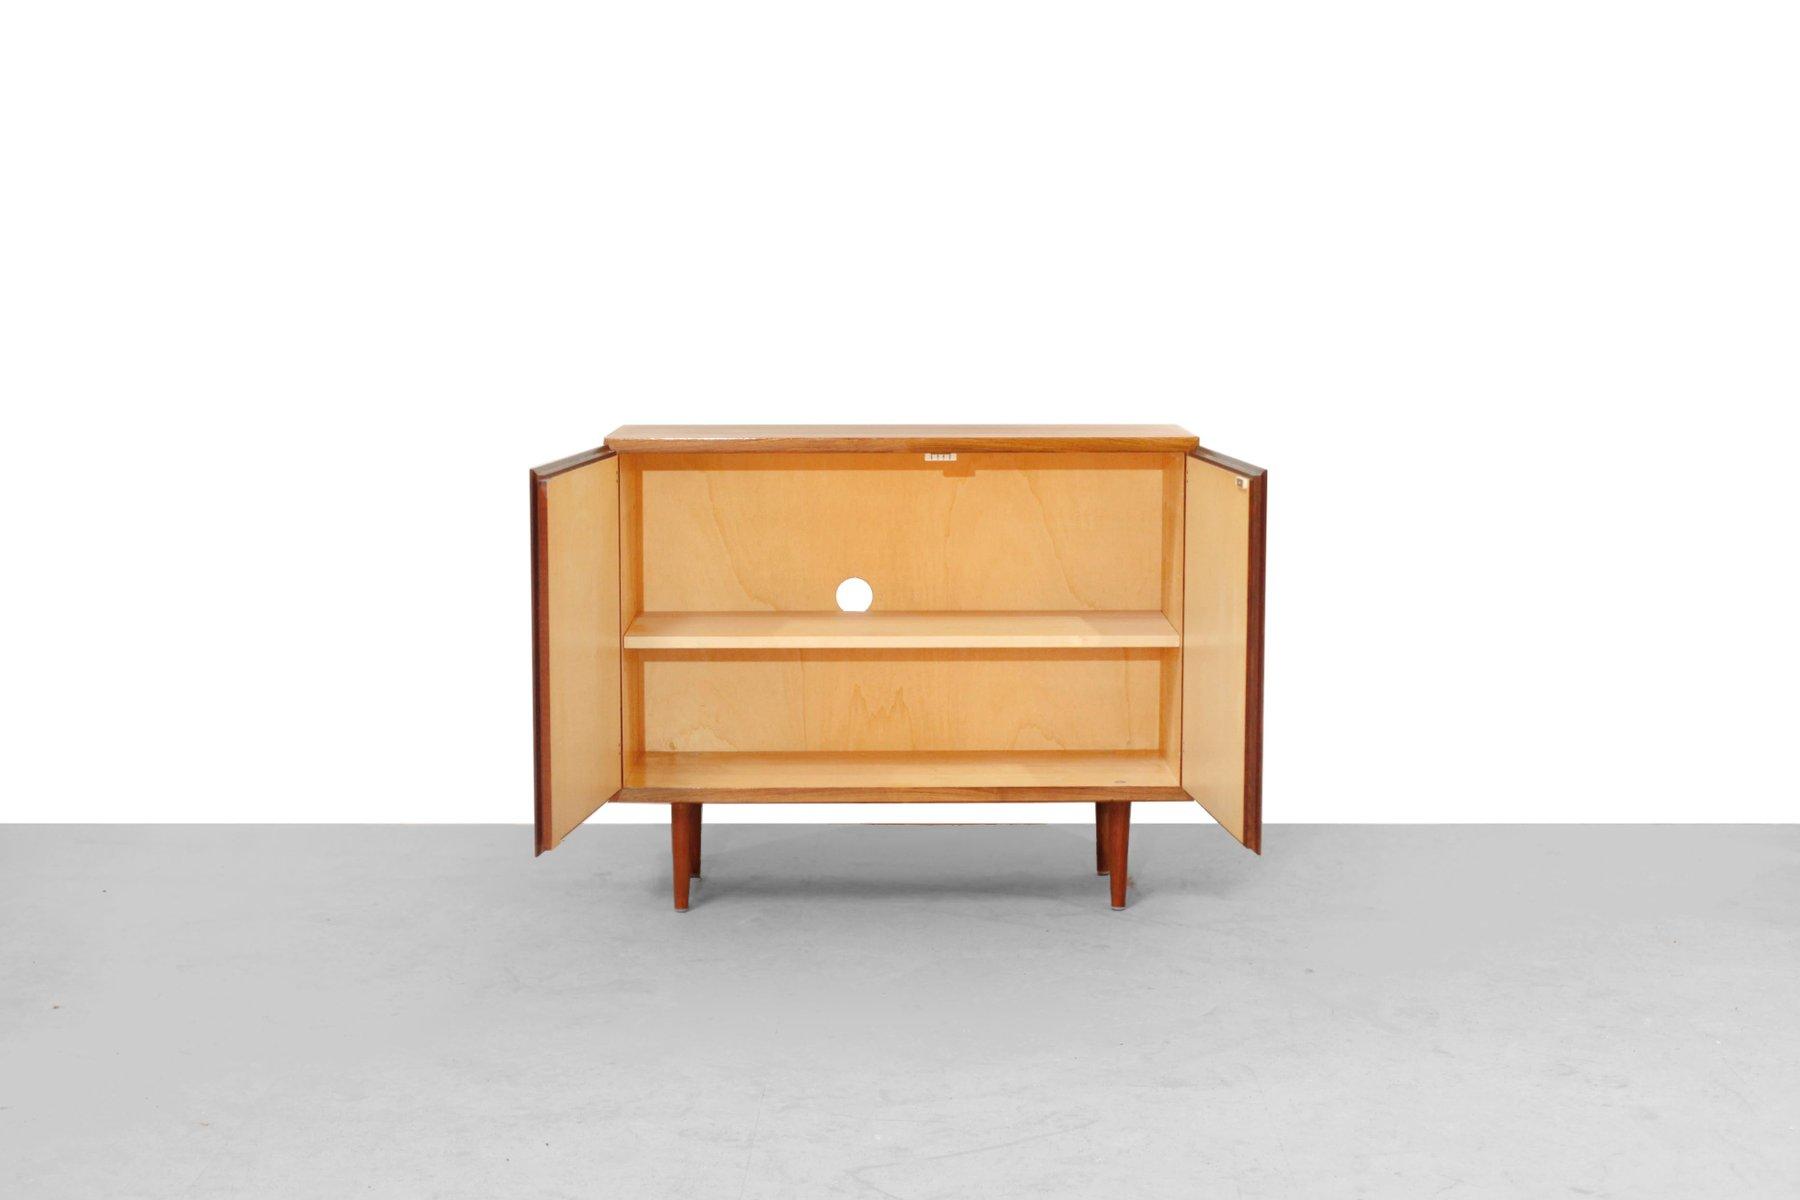 petit meuble deux portes en palissandre 1960s en vente sur pamono. Black Bedroom Furniture Sets. Home Design Ideas